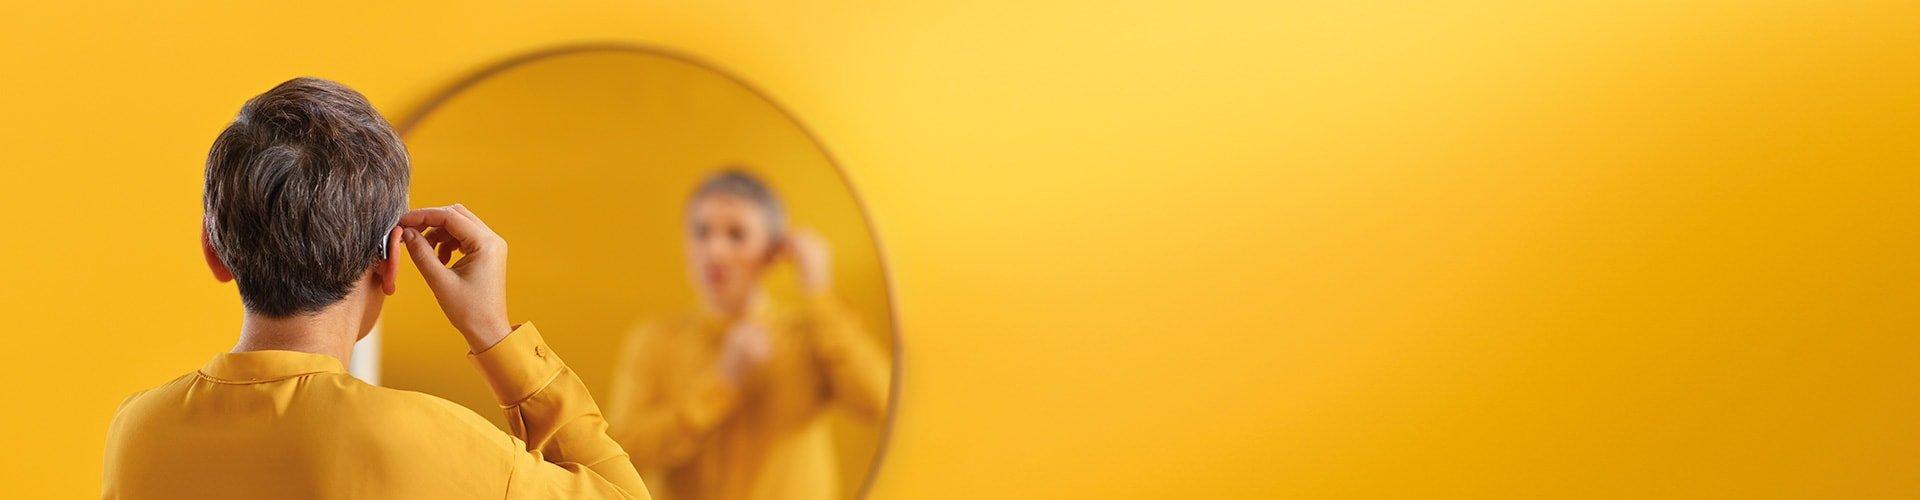 这位女士正在佩戴飞利浦助听器。飞利浦HearLink助听器款式多样,供您选择。